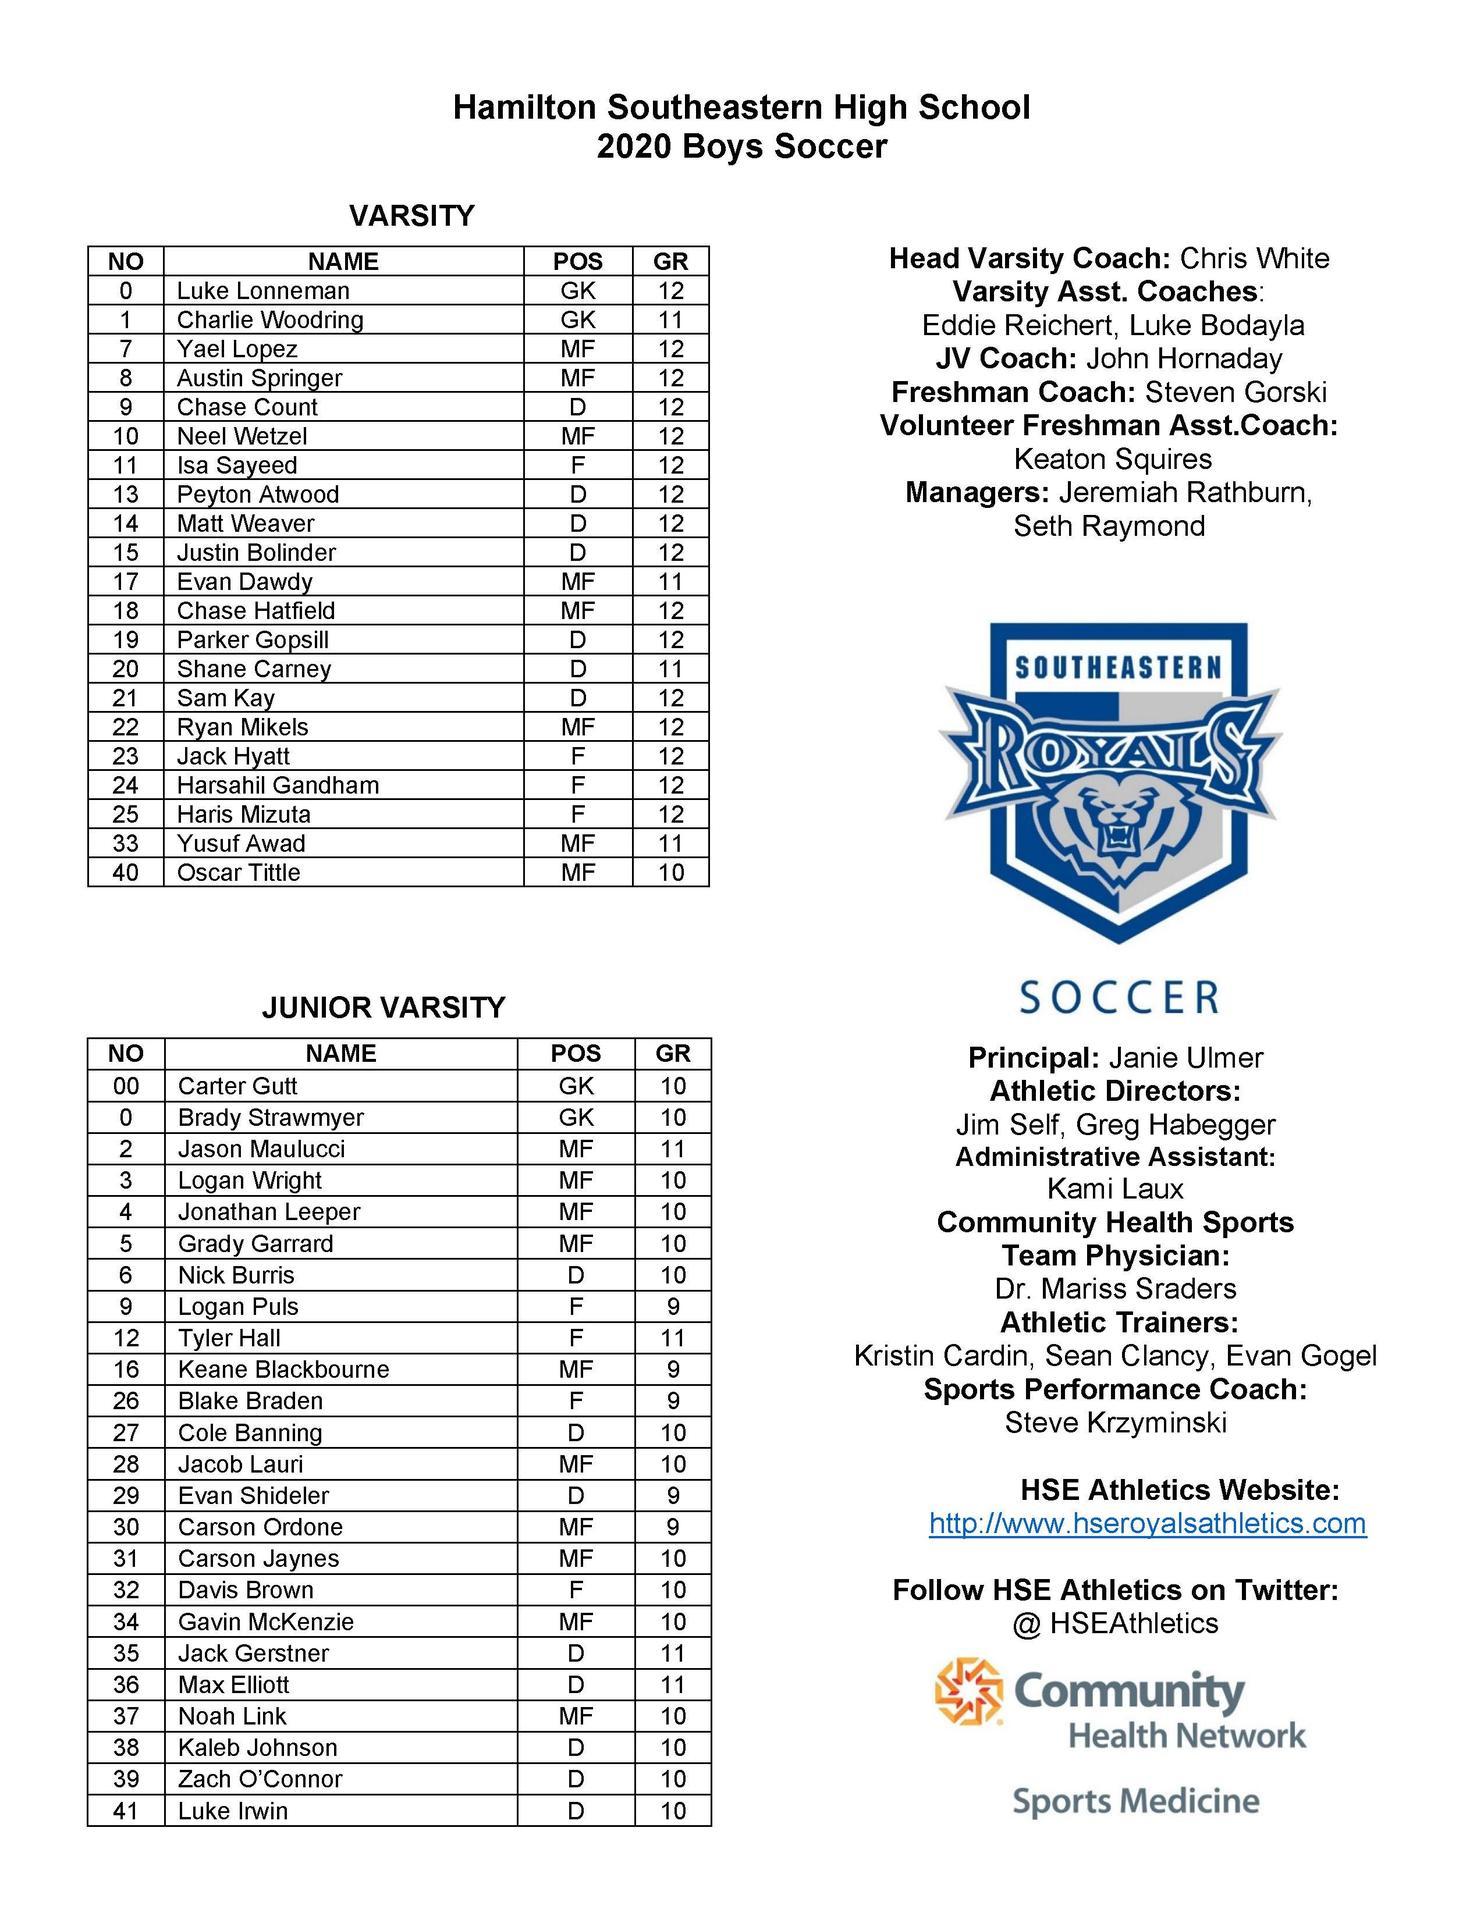 HSE Boys Soccer roster